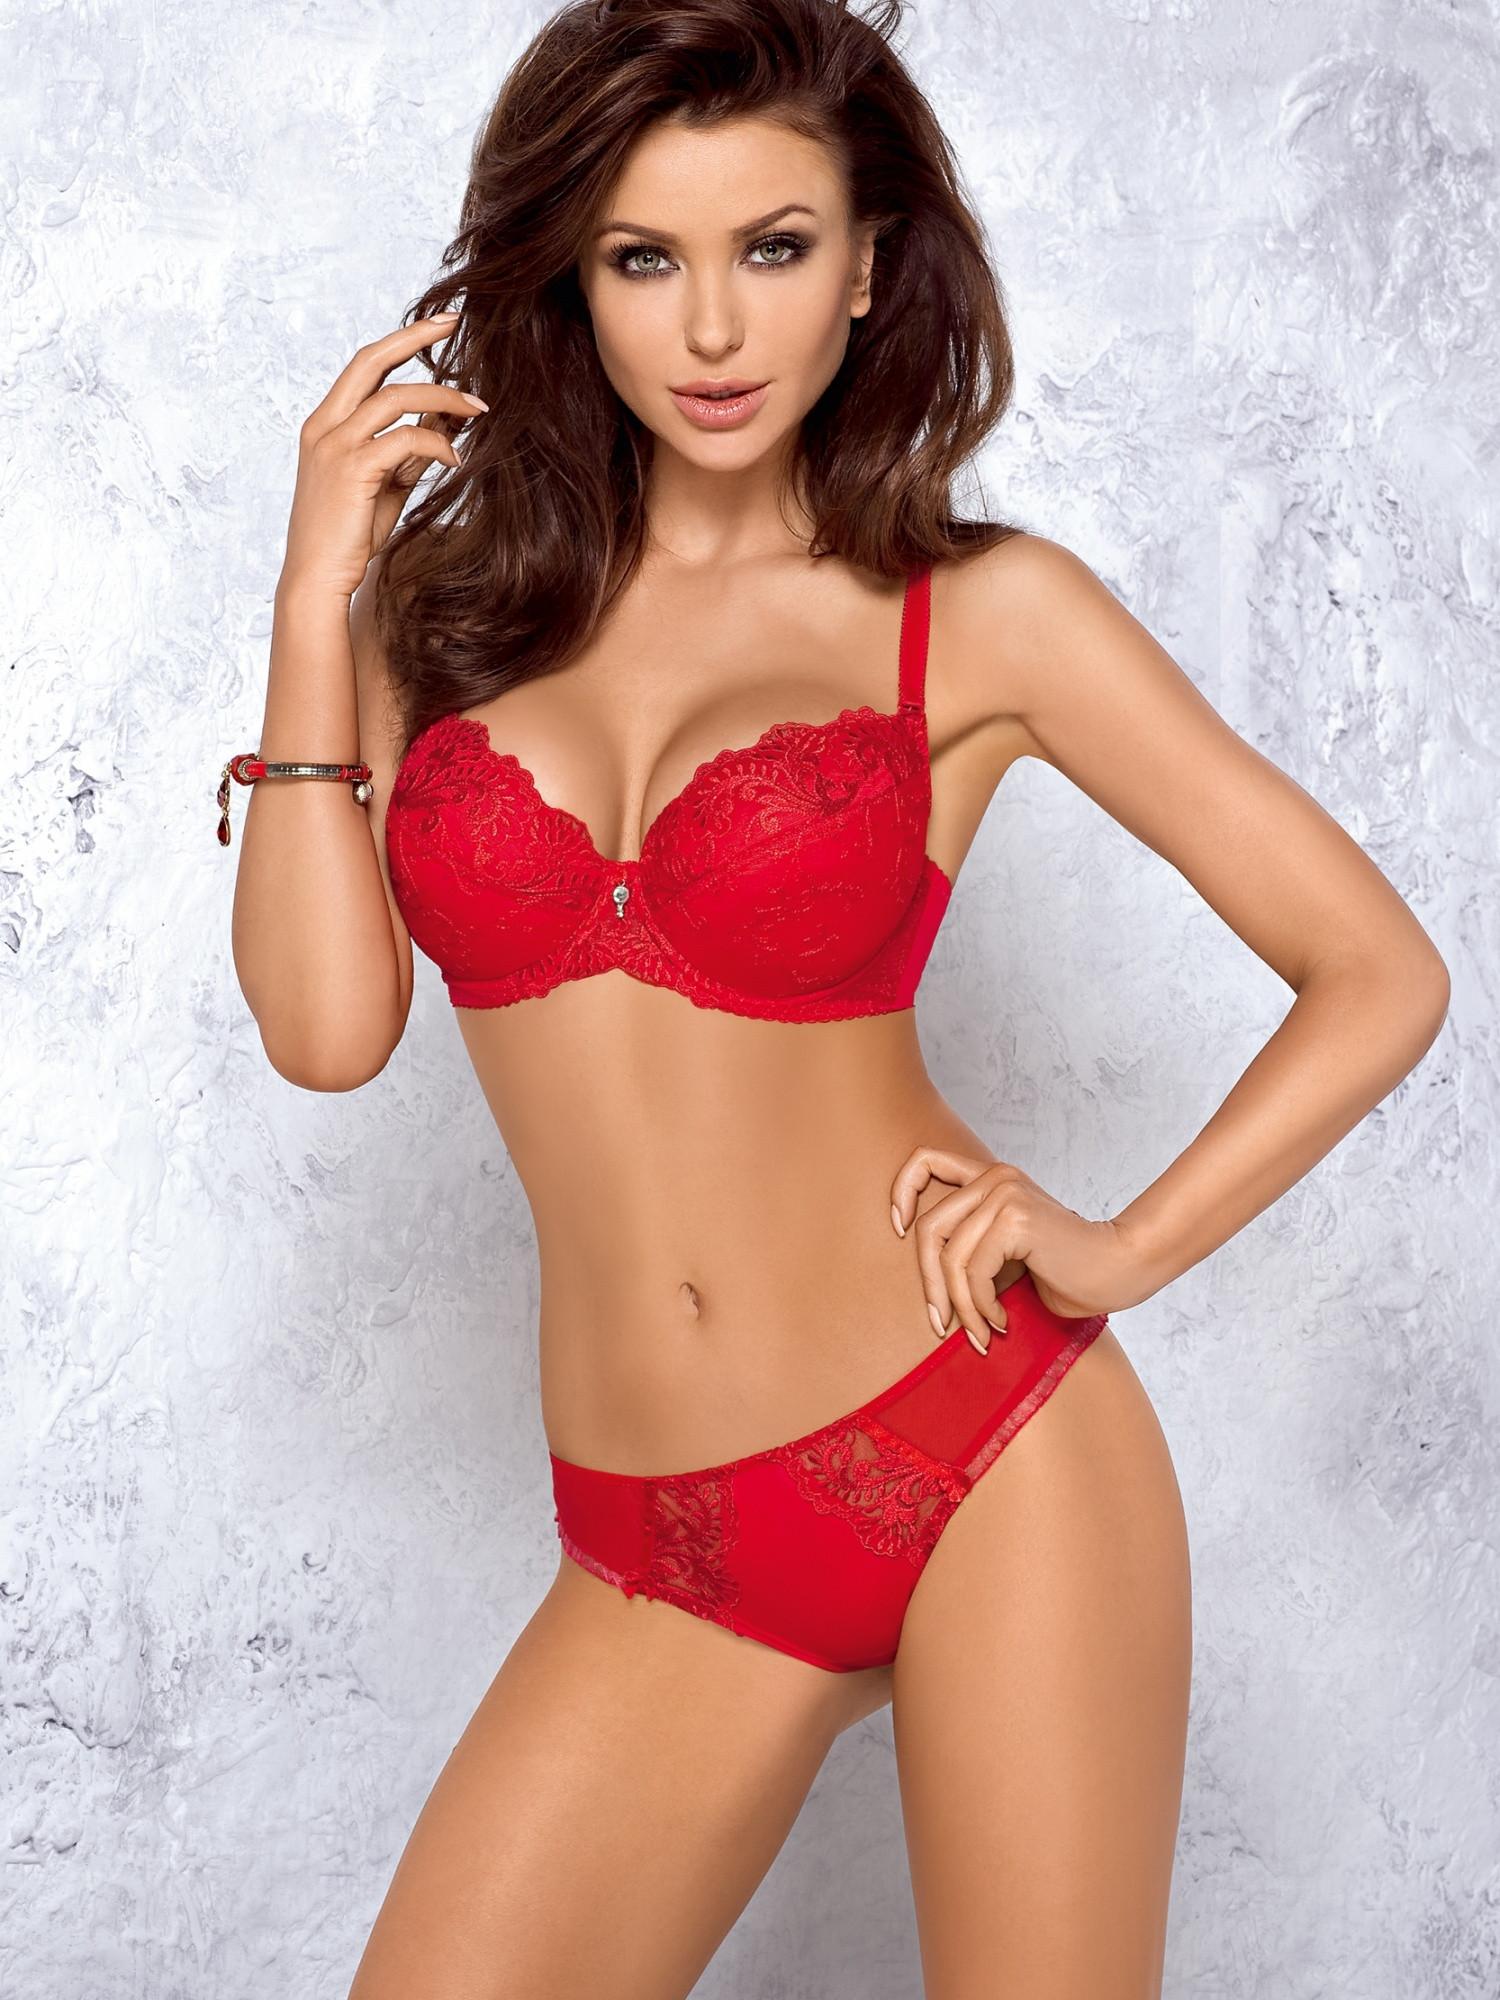 Monika-Pietrasinska-supermodel 3